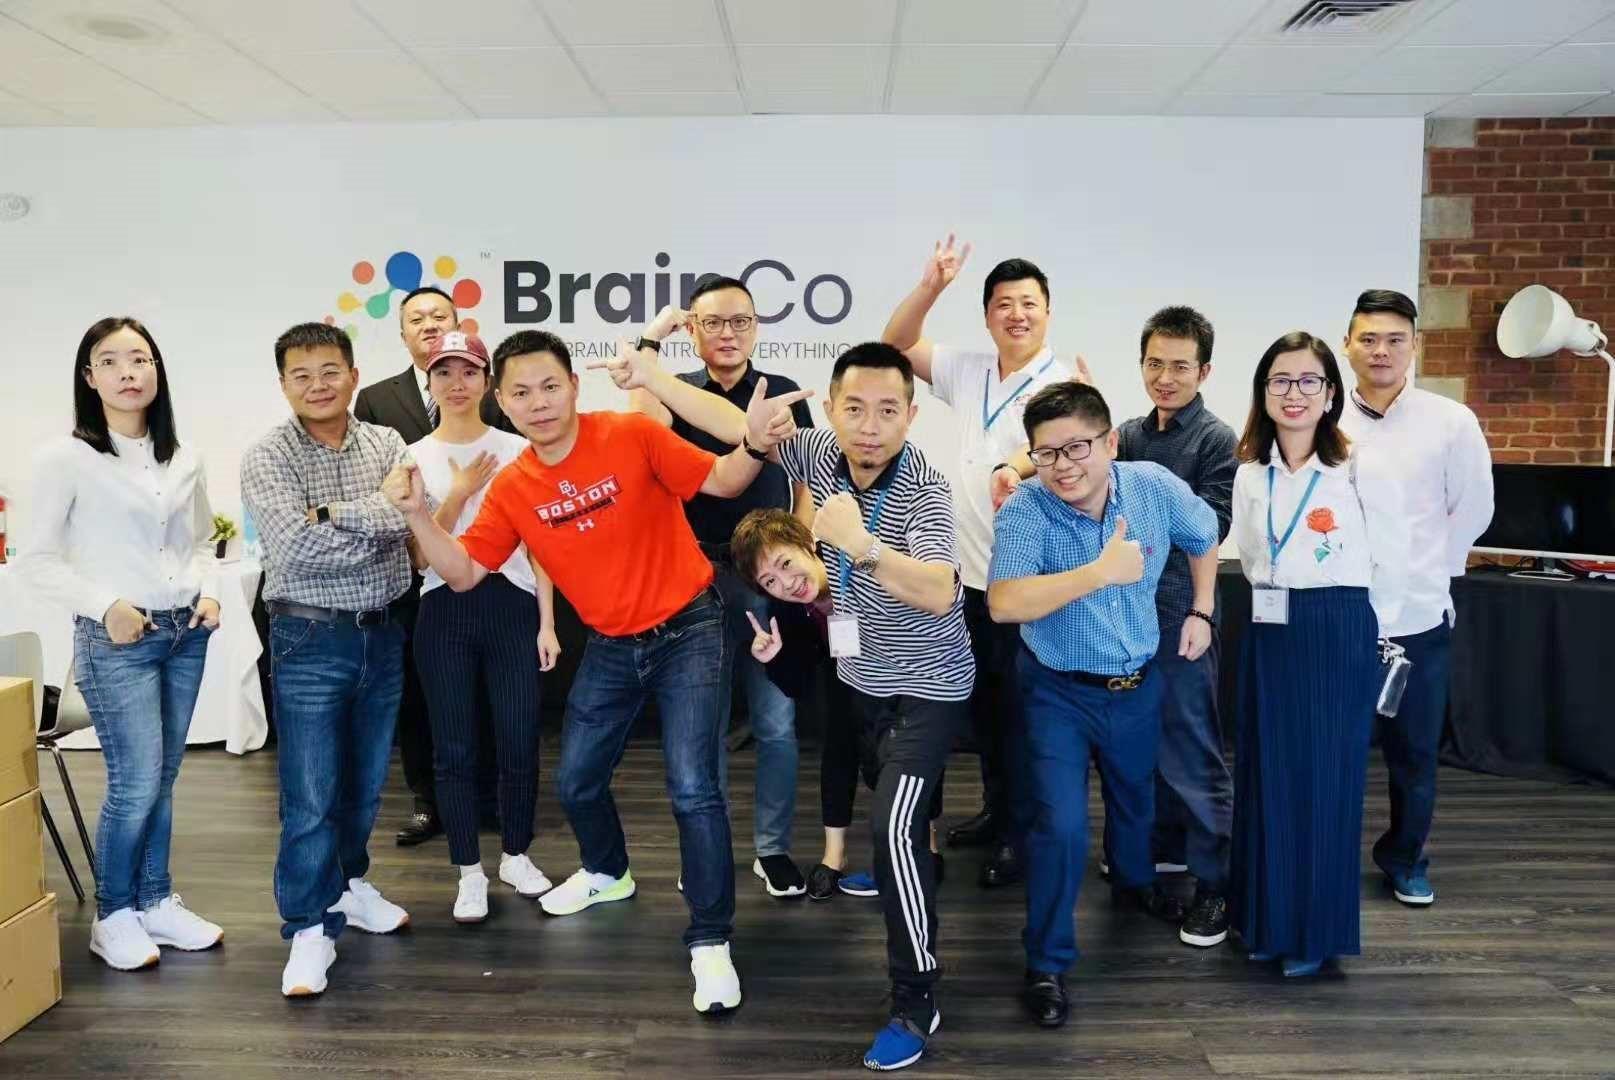 原金立副总裁俞雷将于下周出任AI公司BrainC的首席运营官